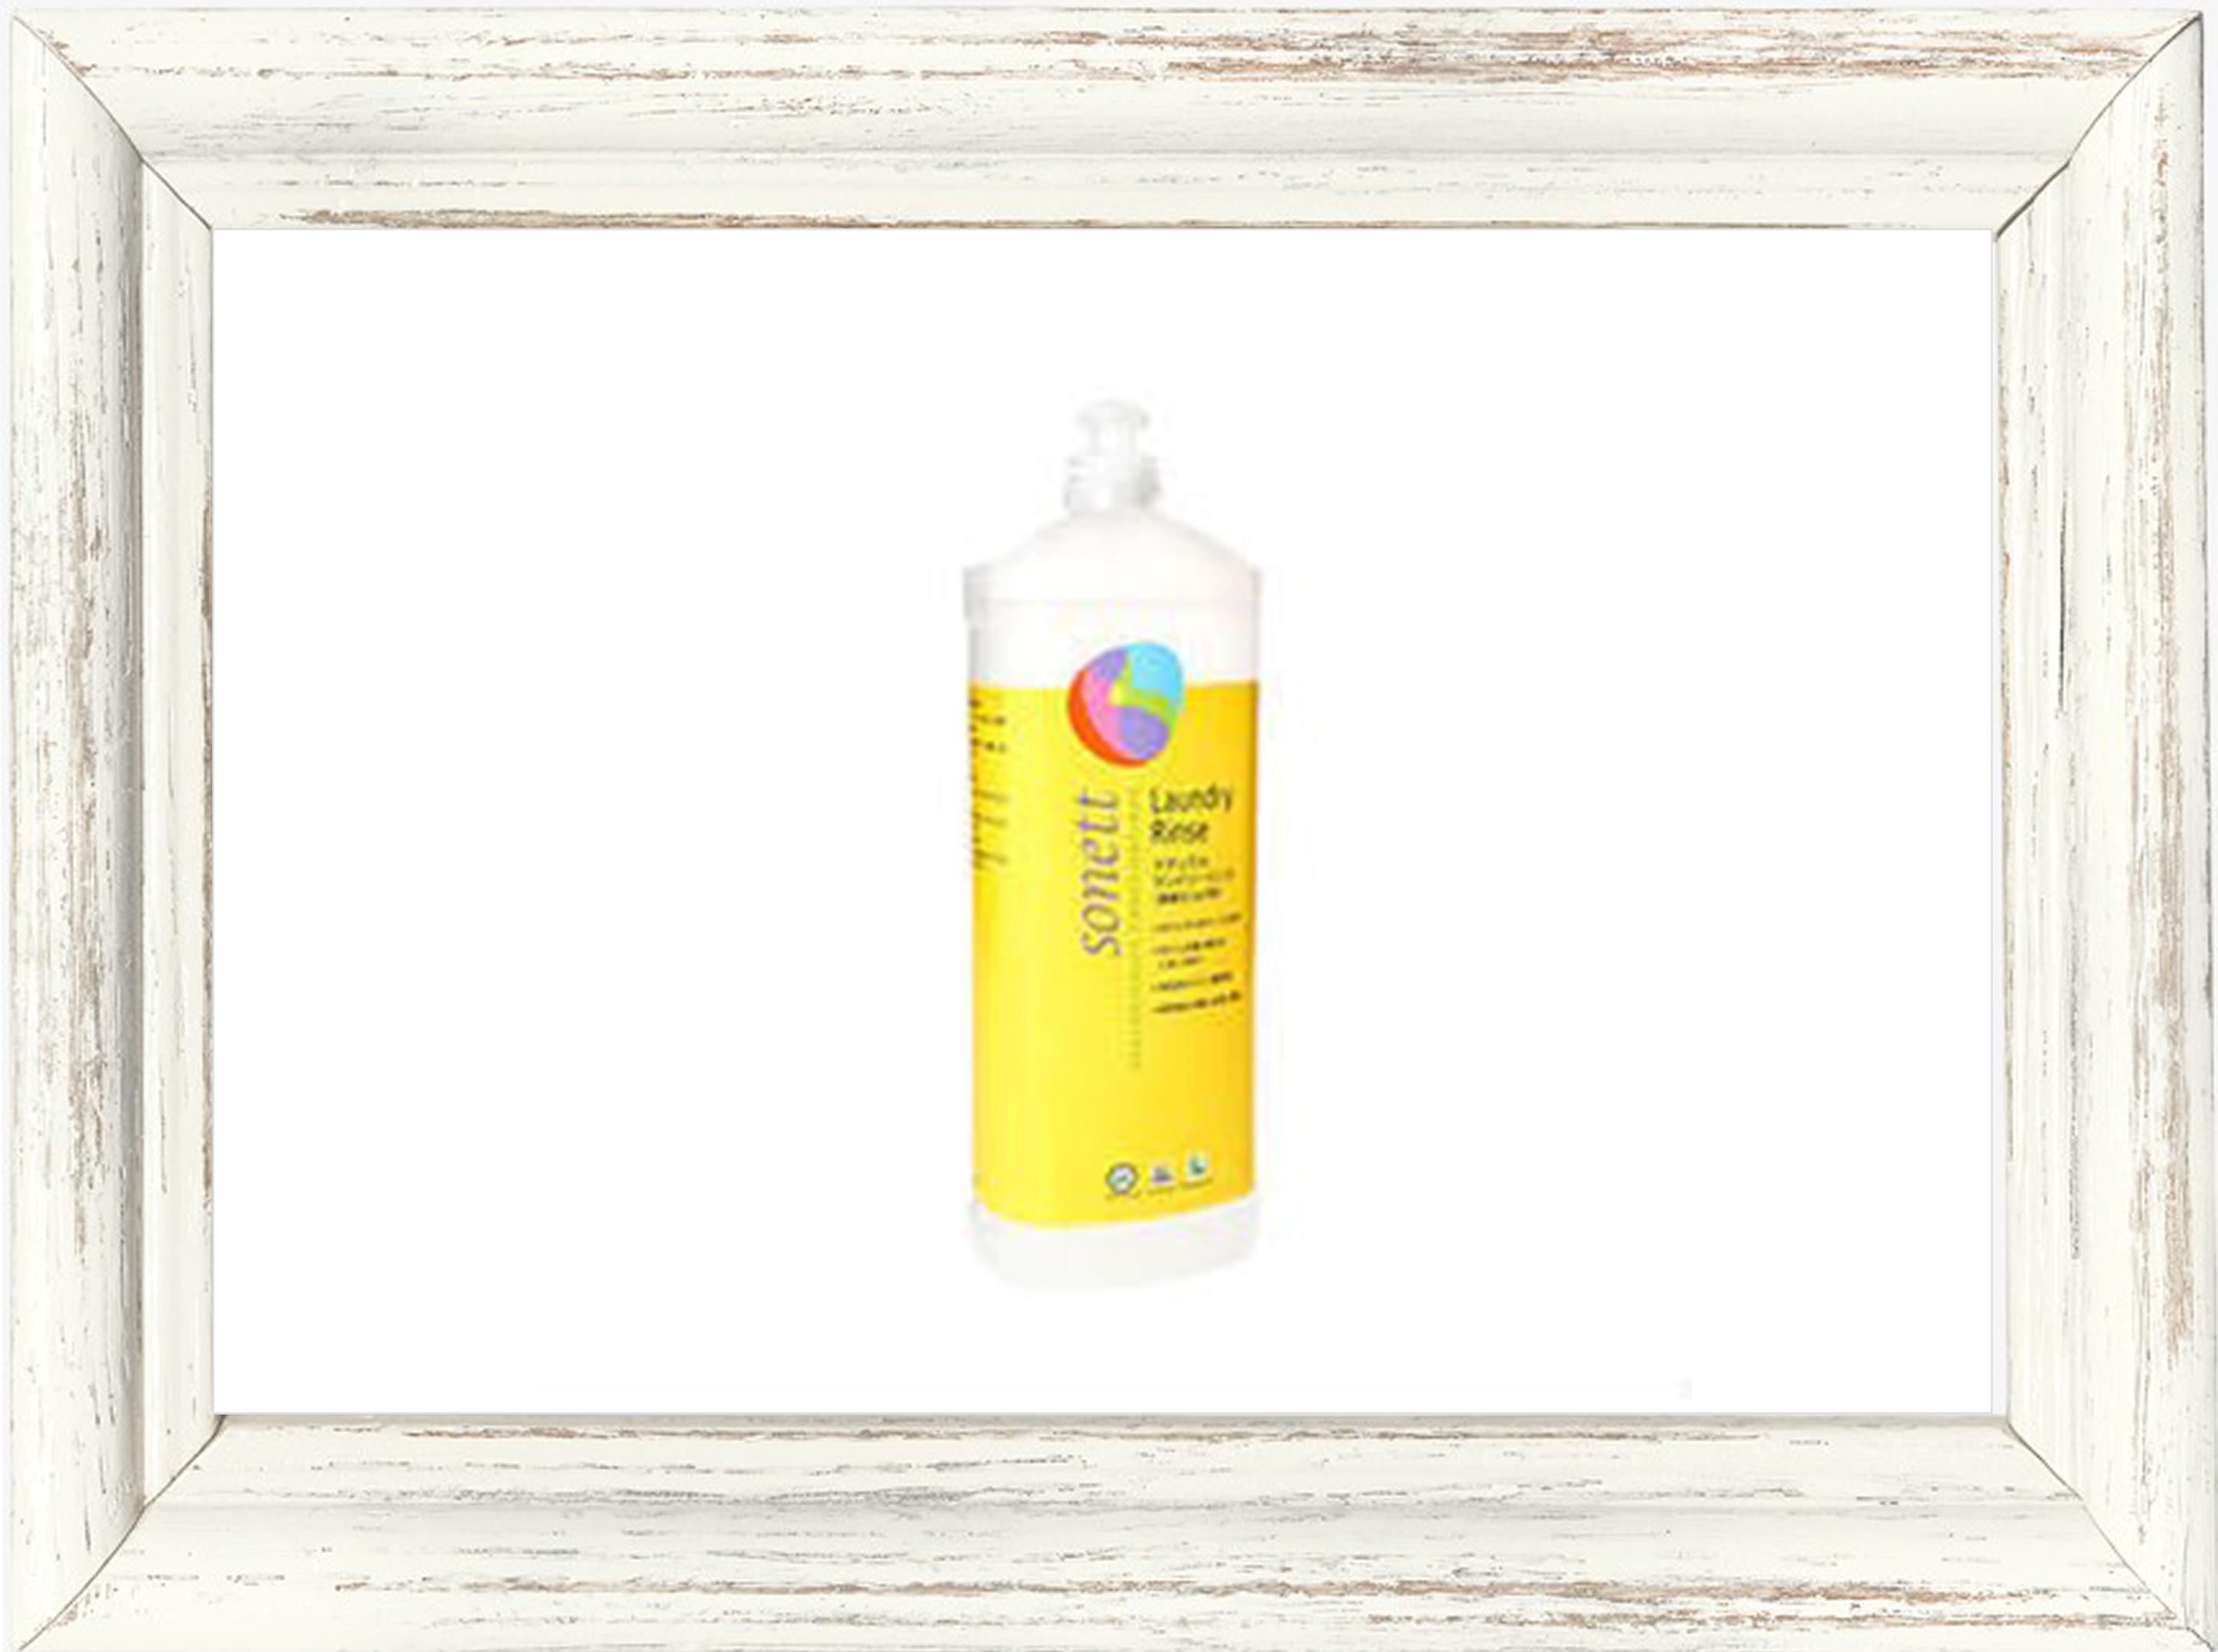 柔軟剤▶︎sonett ナチュラルランドリーリンス (柔軟仕上げ剤) 1L